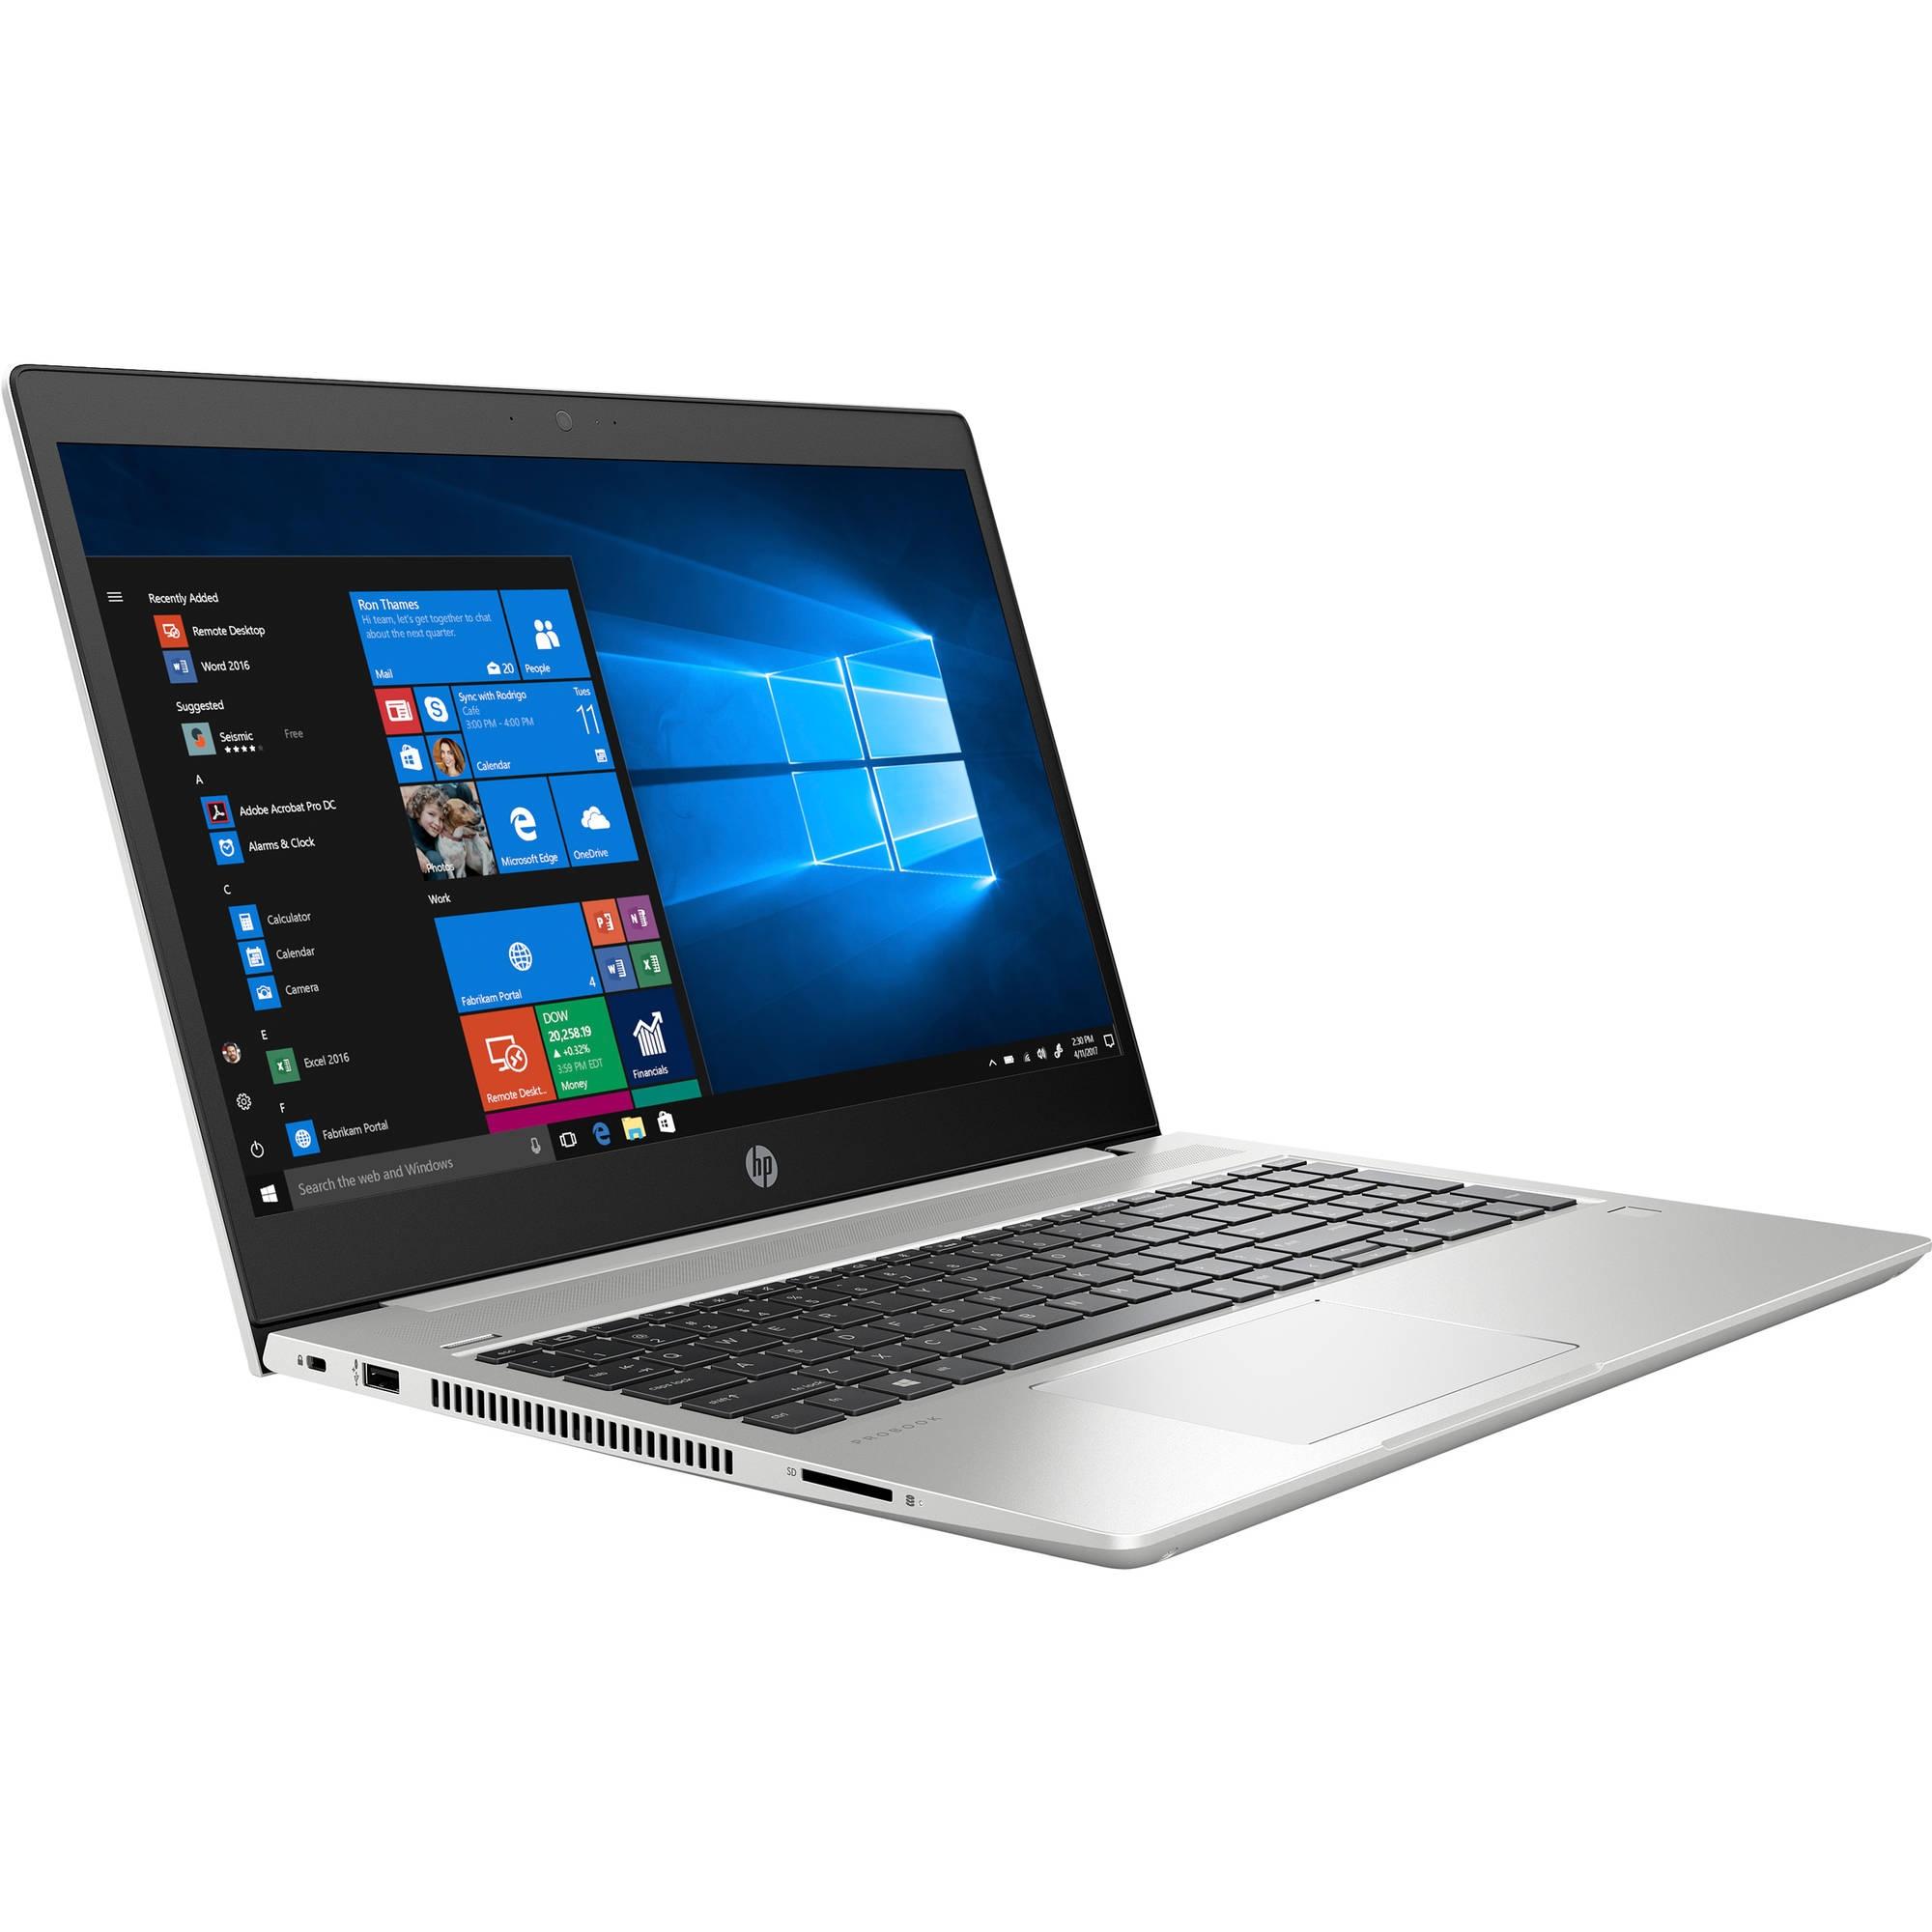 HP PROBOOK 450 G6 I7-8565U 1TB 8GB 15.6 W10P